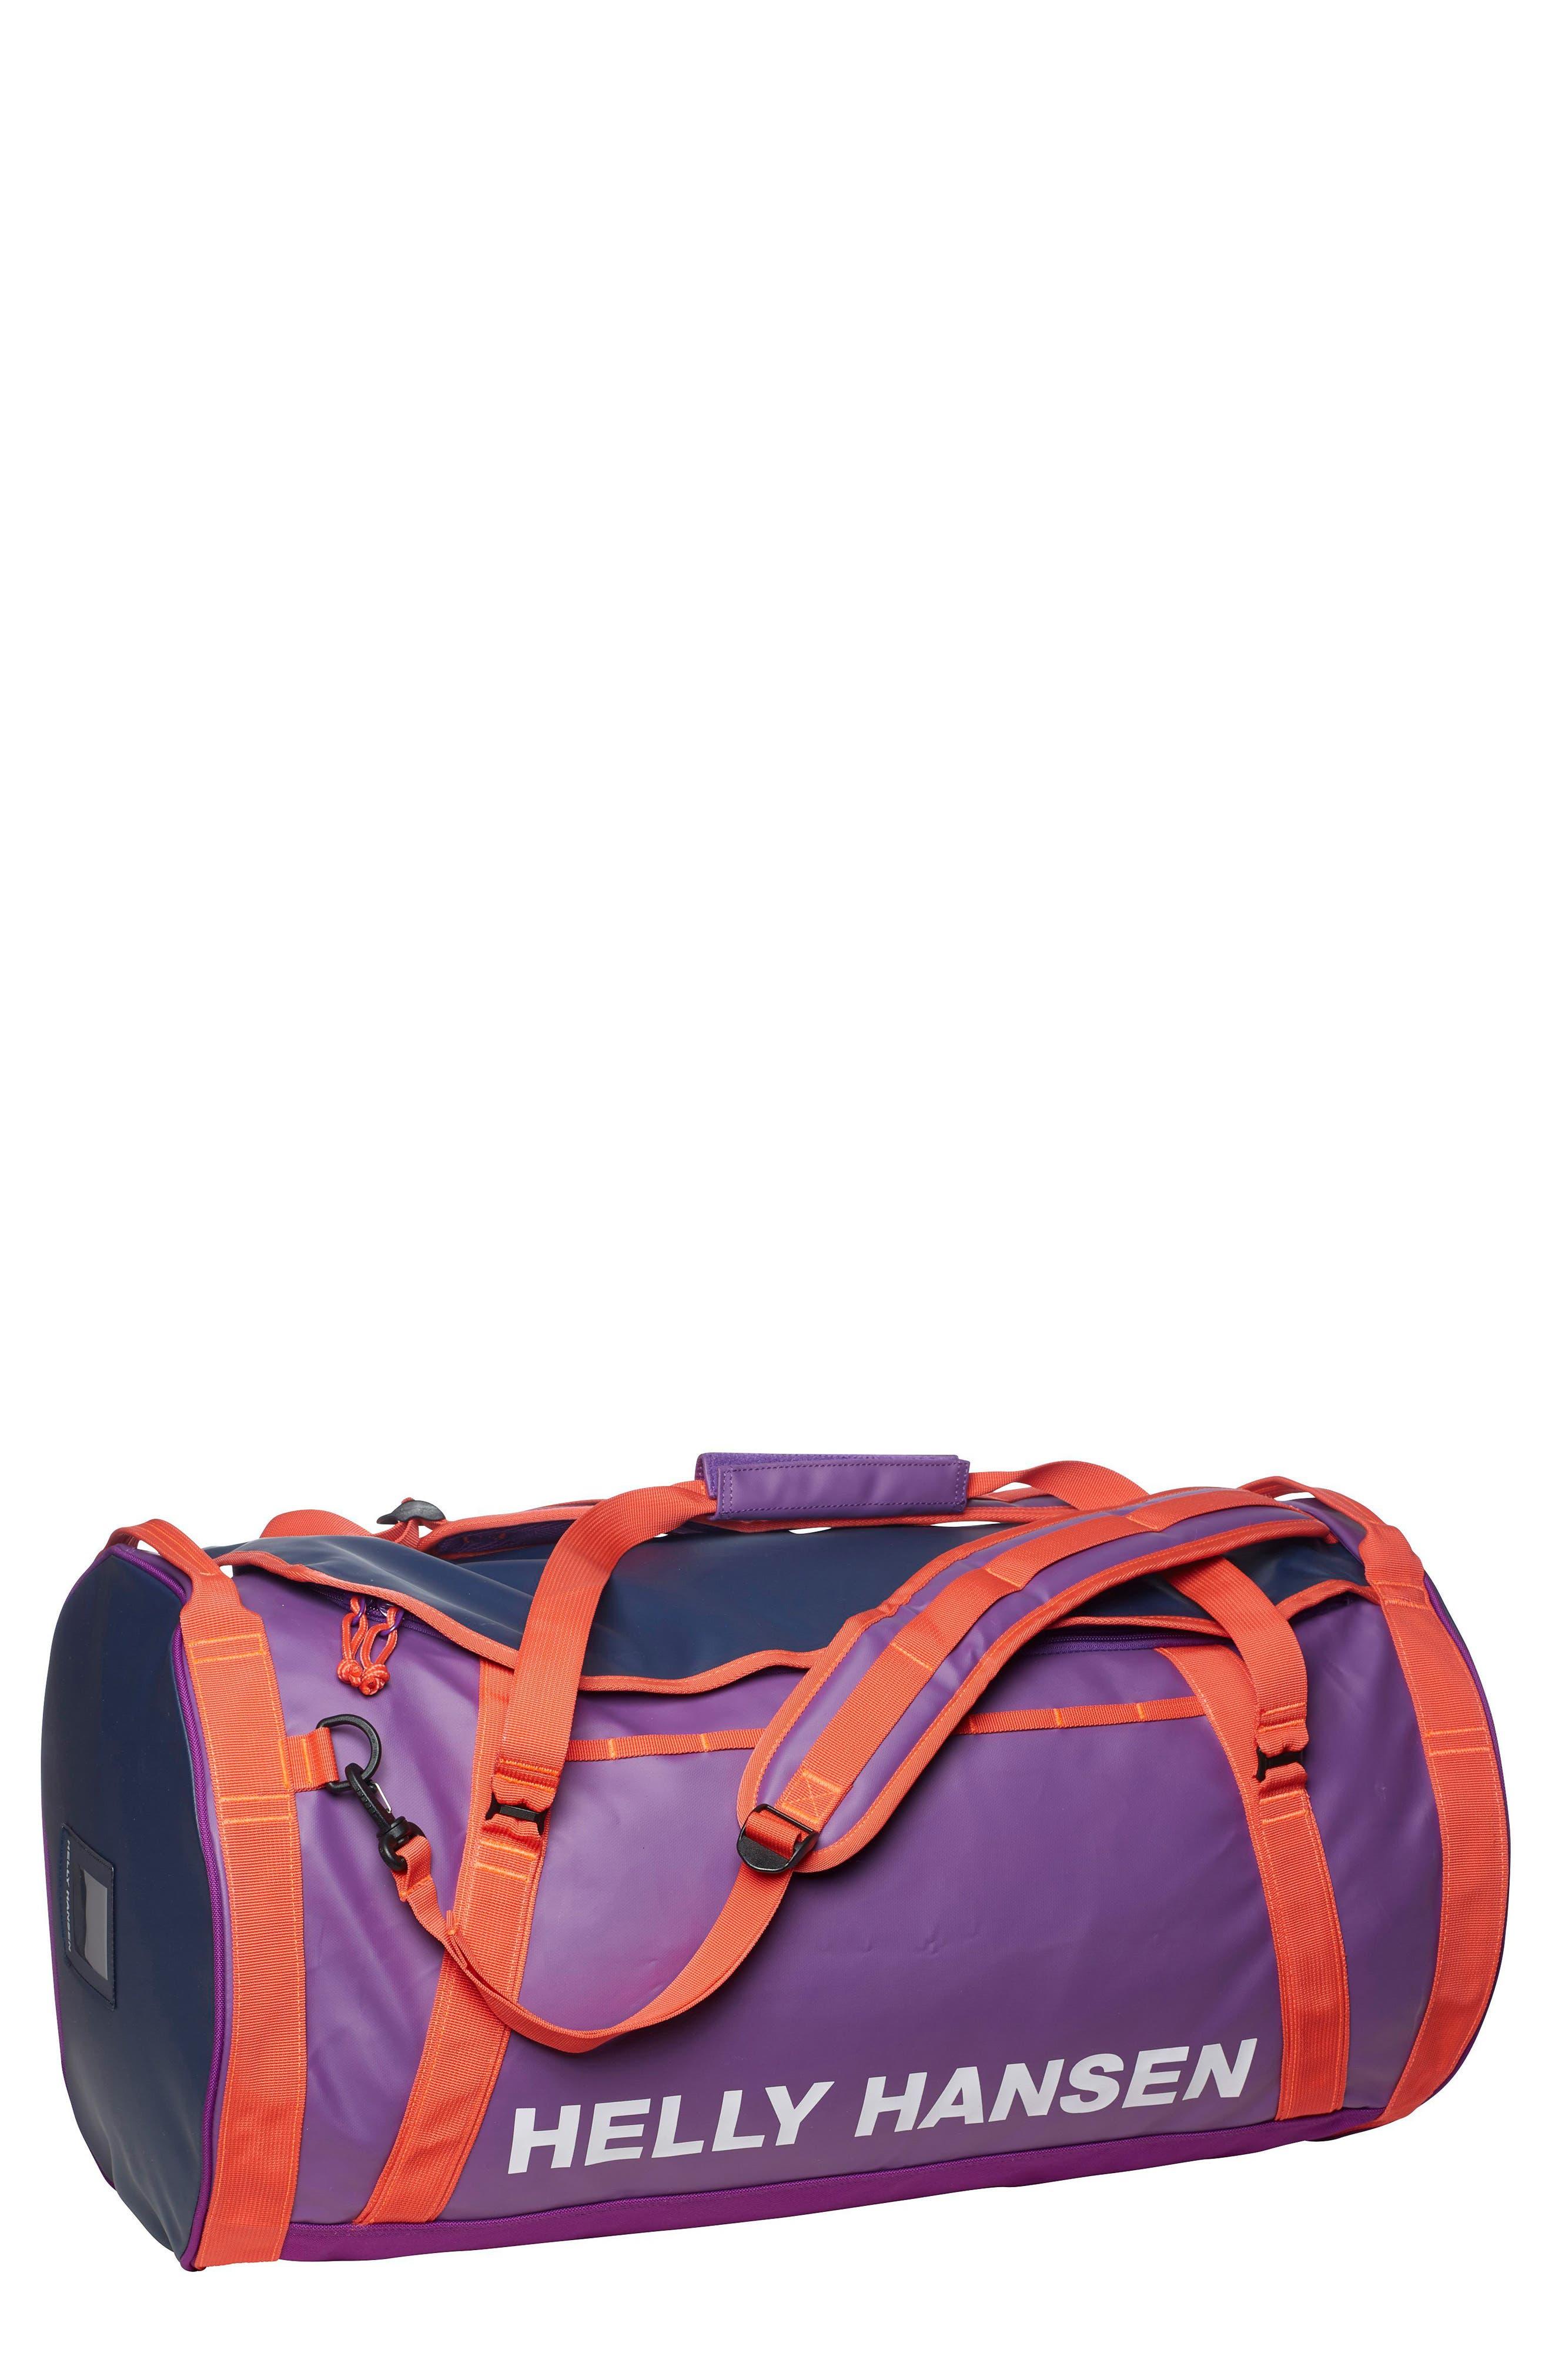 70-Liter Duffel Bag,                             Main thumbnail 2, color,